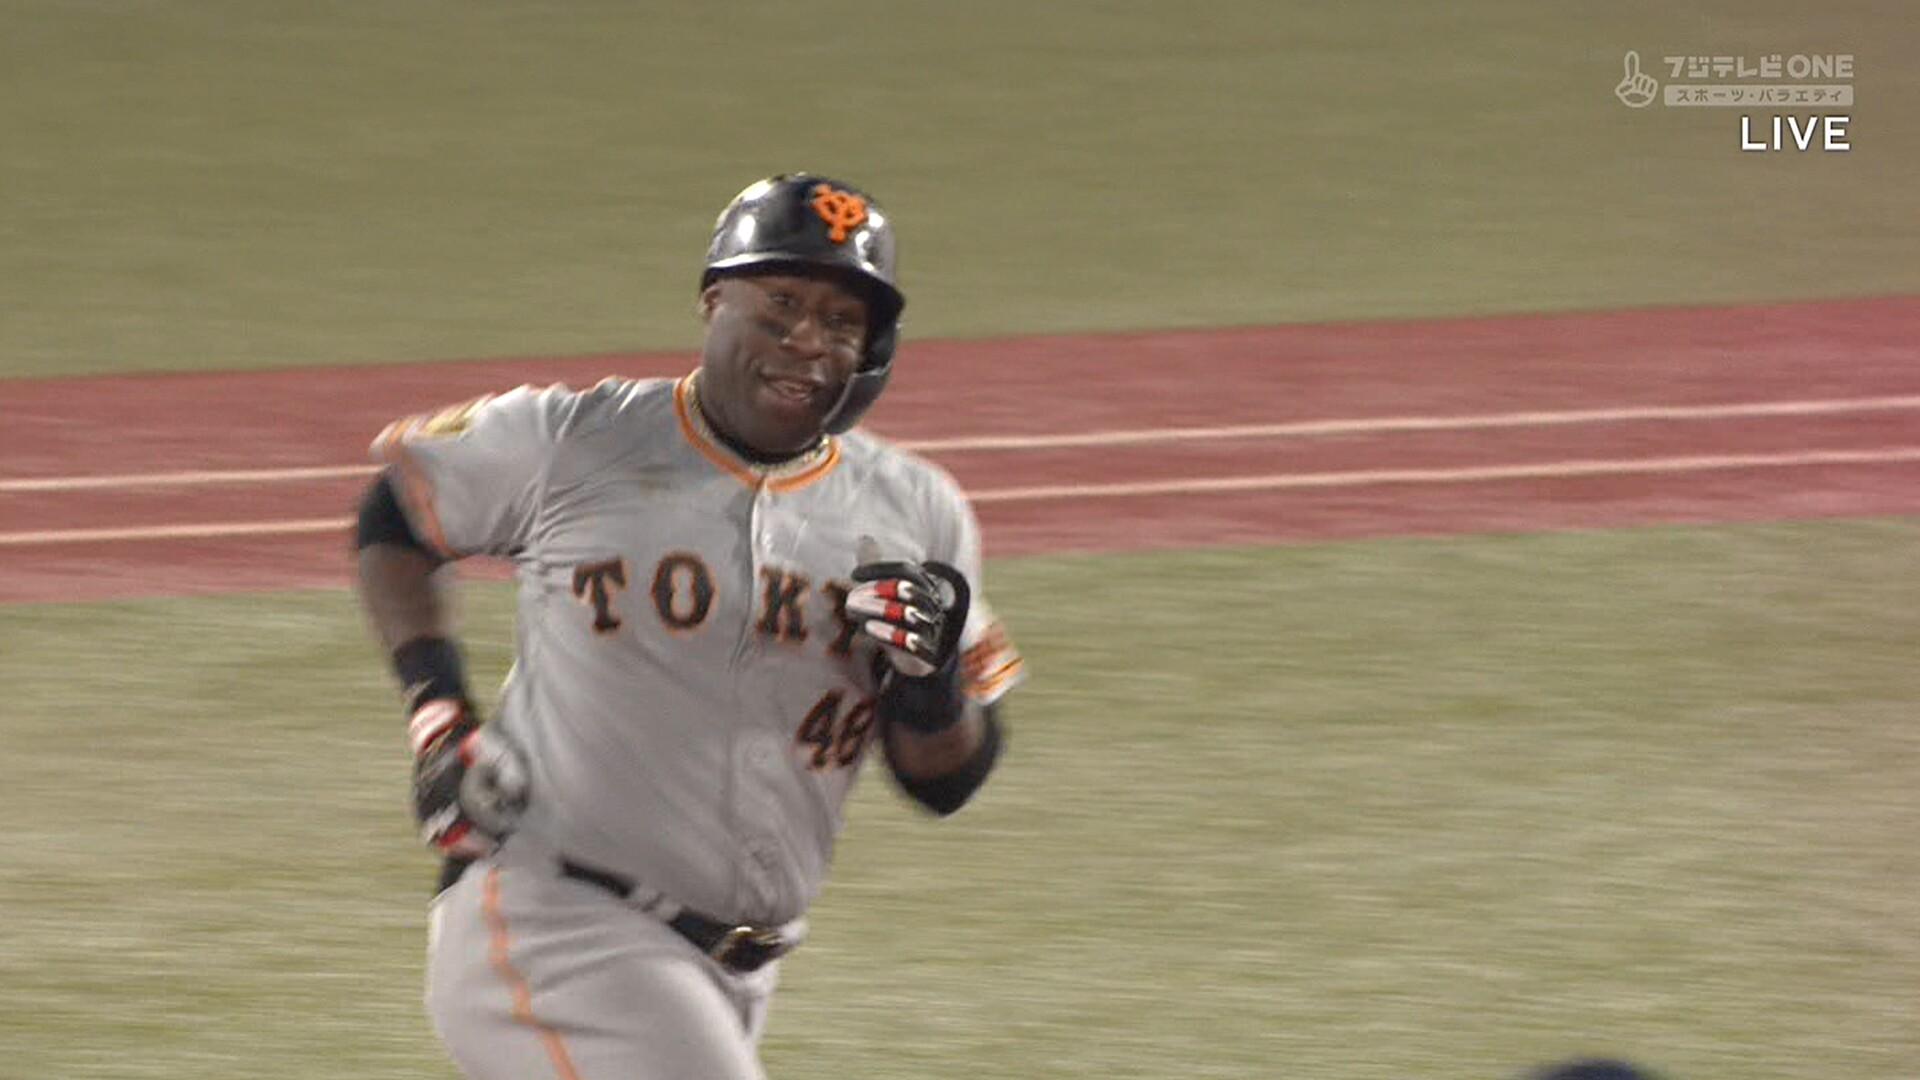 巨人・テームズが故障した結果… ウィーラーが4安打1本塁打の大暴れwwwwww